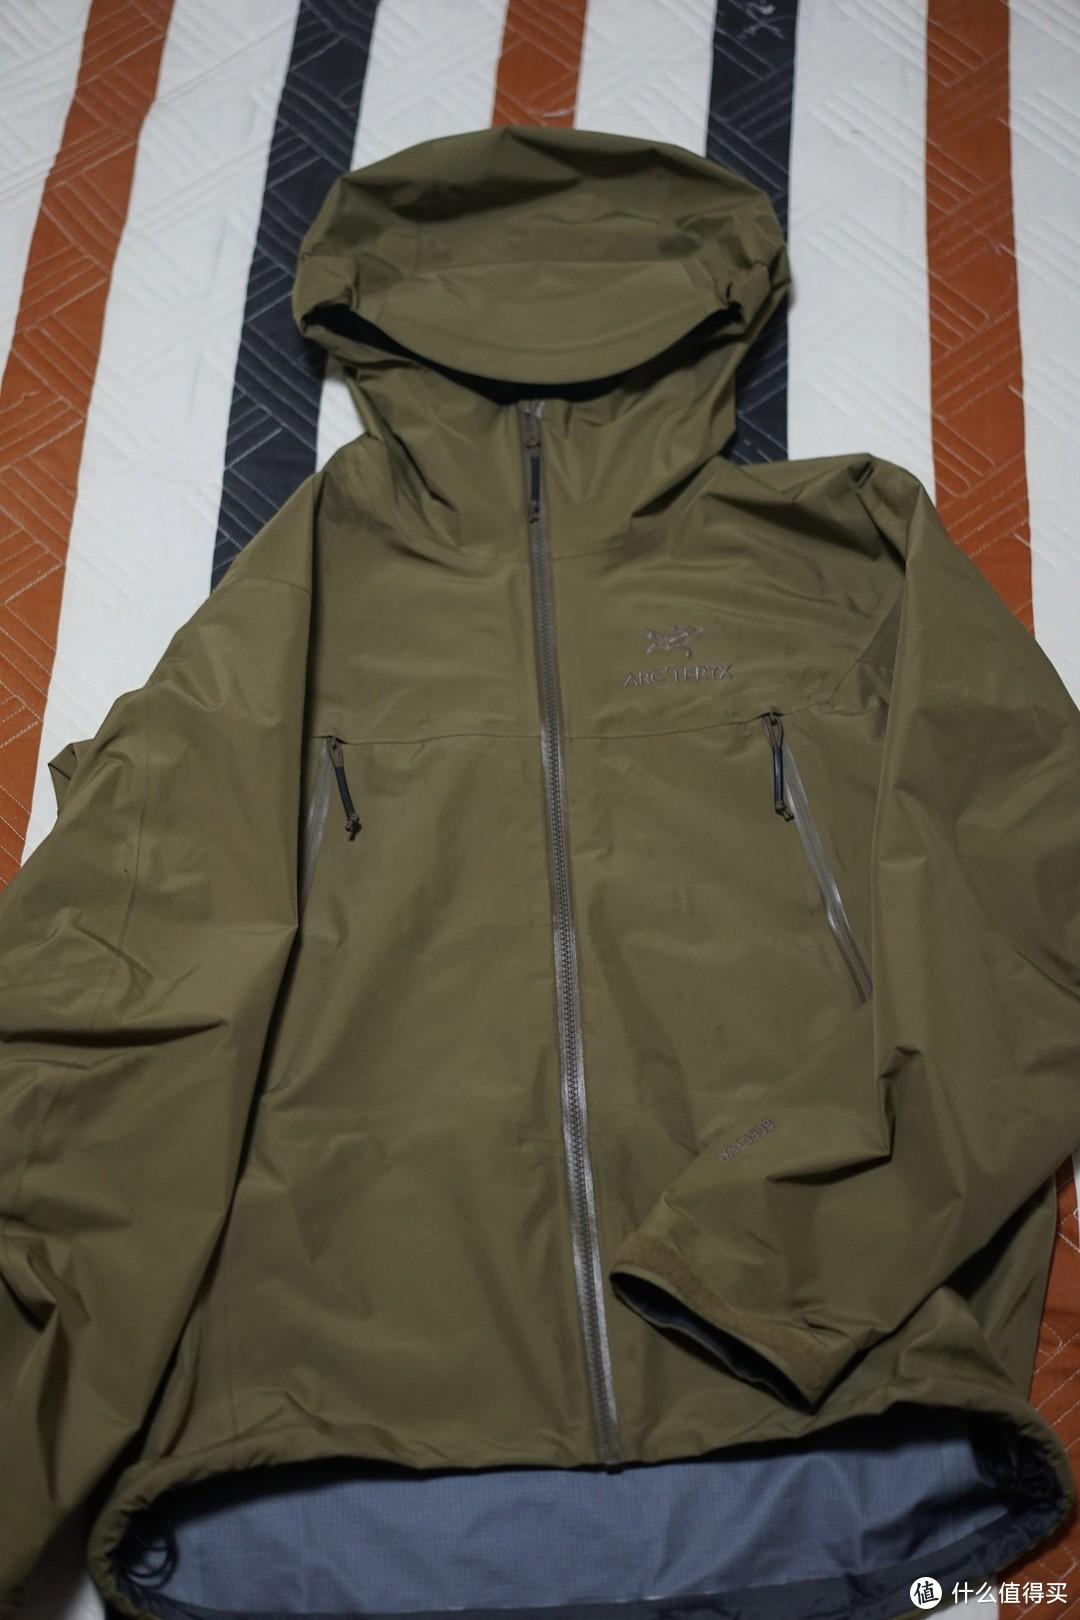 被困在城市的军鸟 ARC'TERYX 始祖鸟 Alpha LT GEN 2 冲锋衣 晒物及使用心得